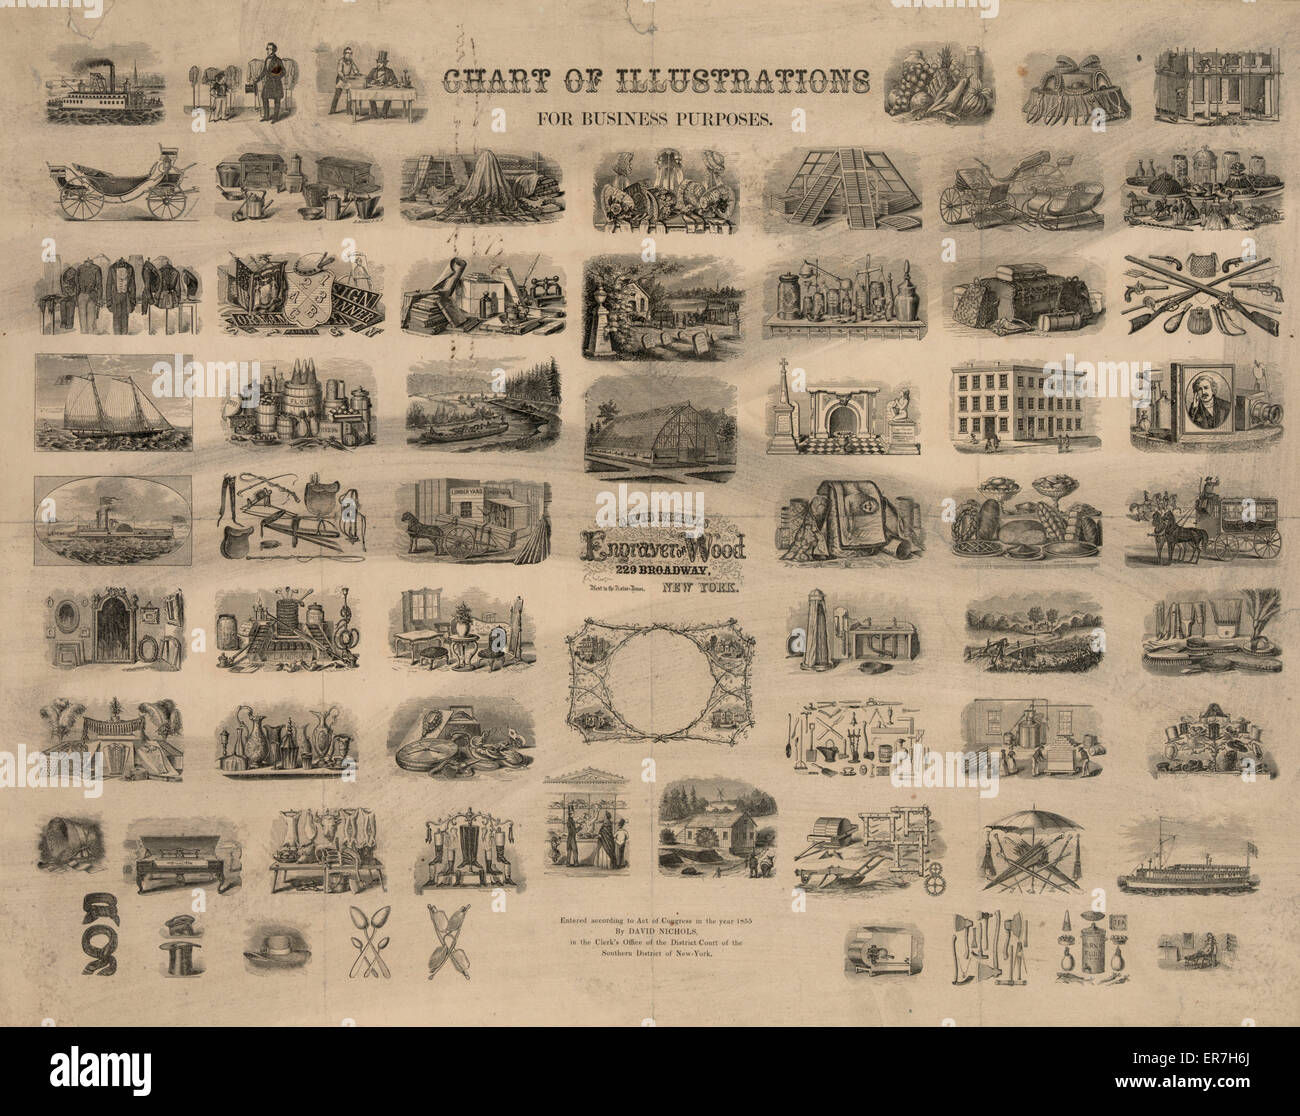 Diagramm von Illustrationen für geschäftliche Zwecke. Datum c1855. Stockbild